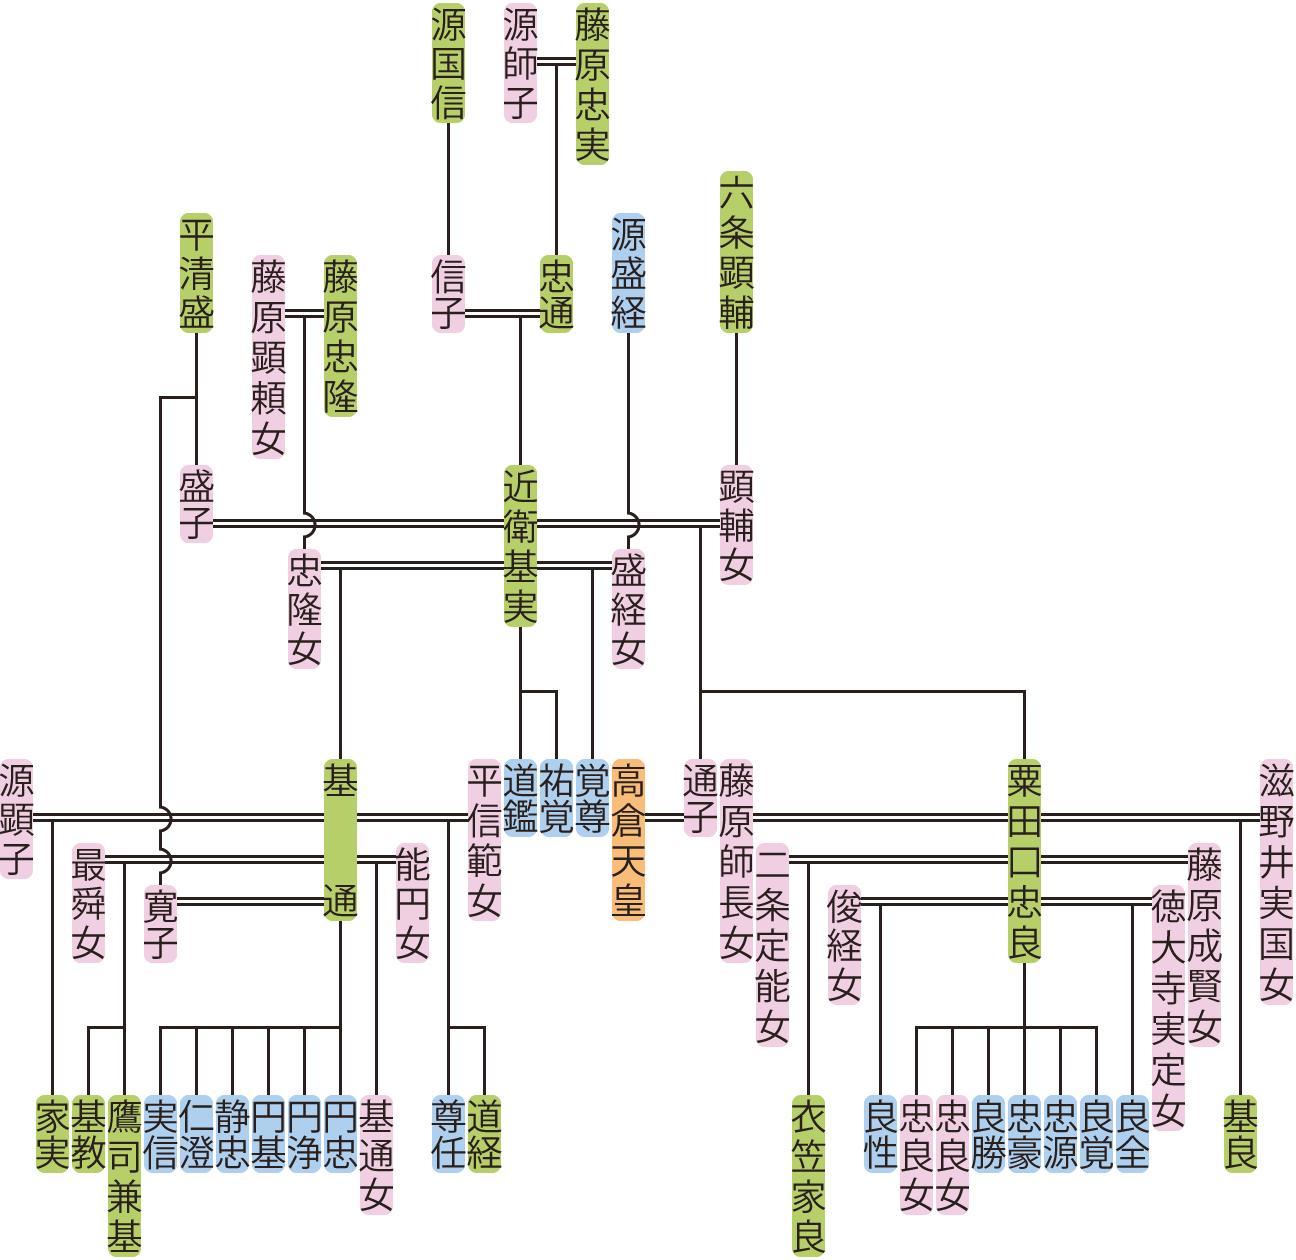 近衛基実の系図